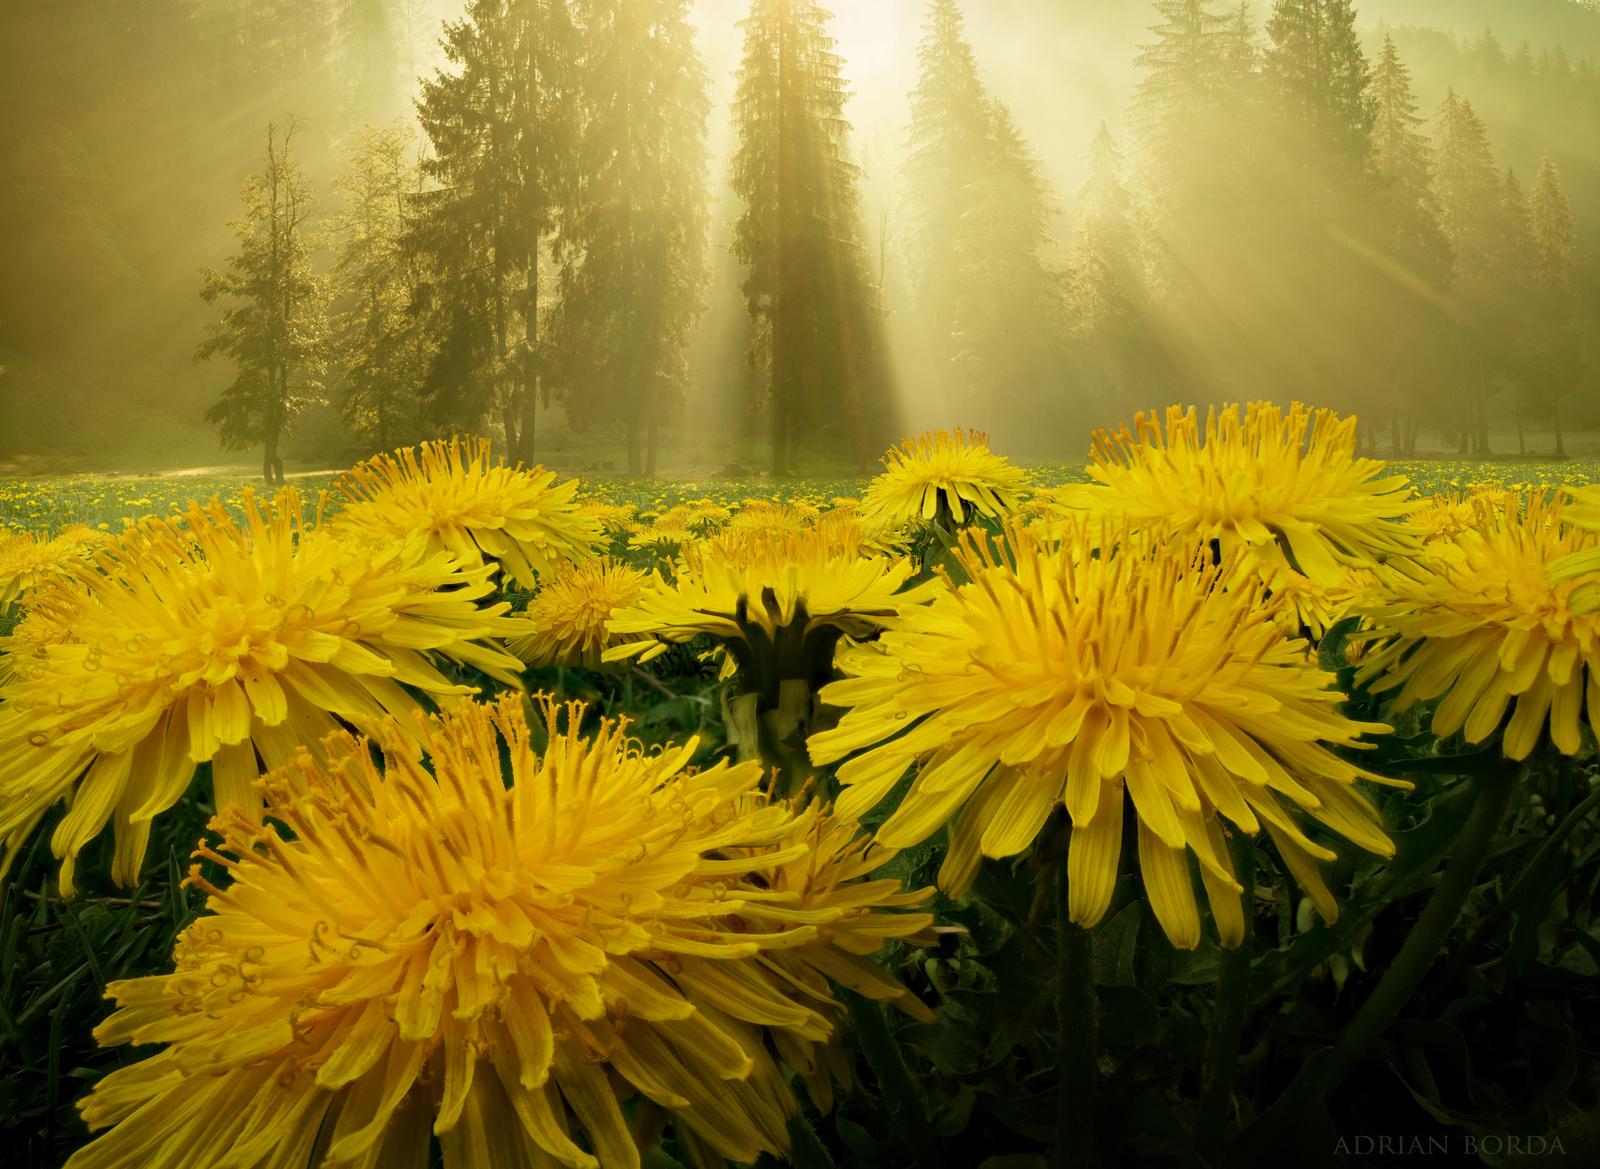 In nature I believe II